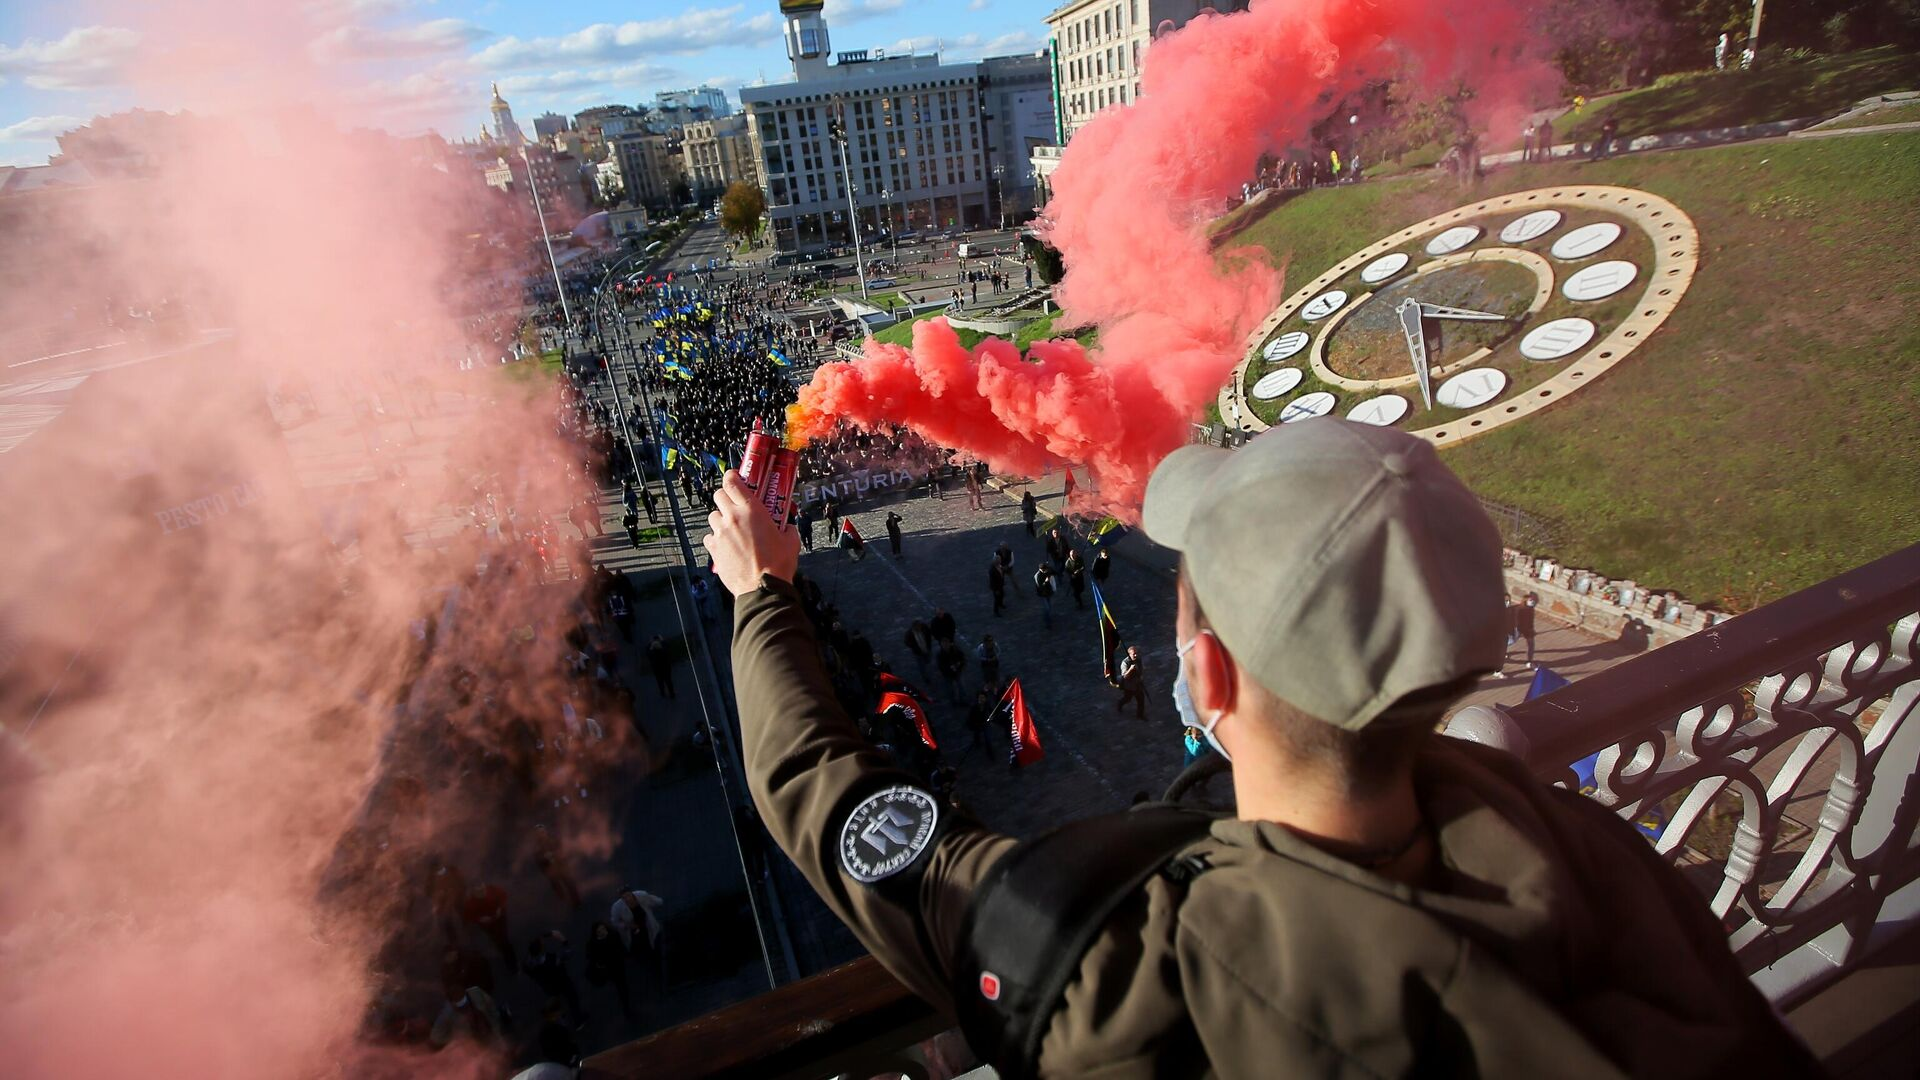 Марш националистов в Киеве в честь создания Украинской повстанческой армии - РИА Новости, 1920, 09.05.2021